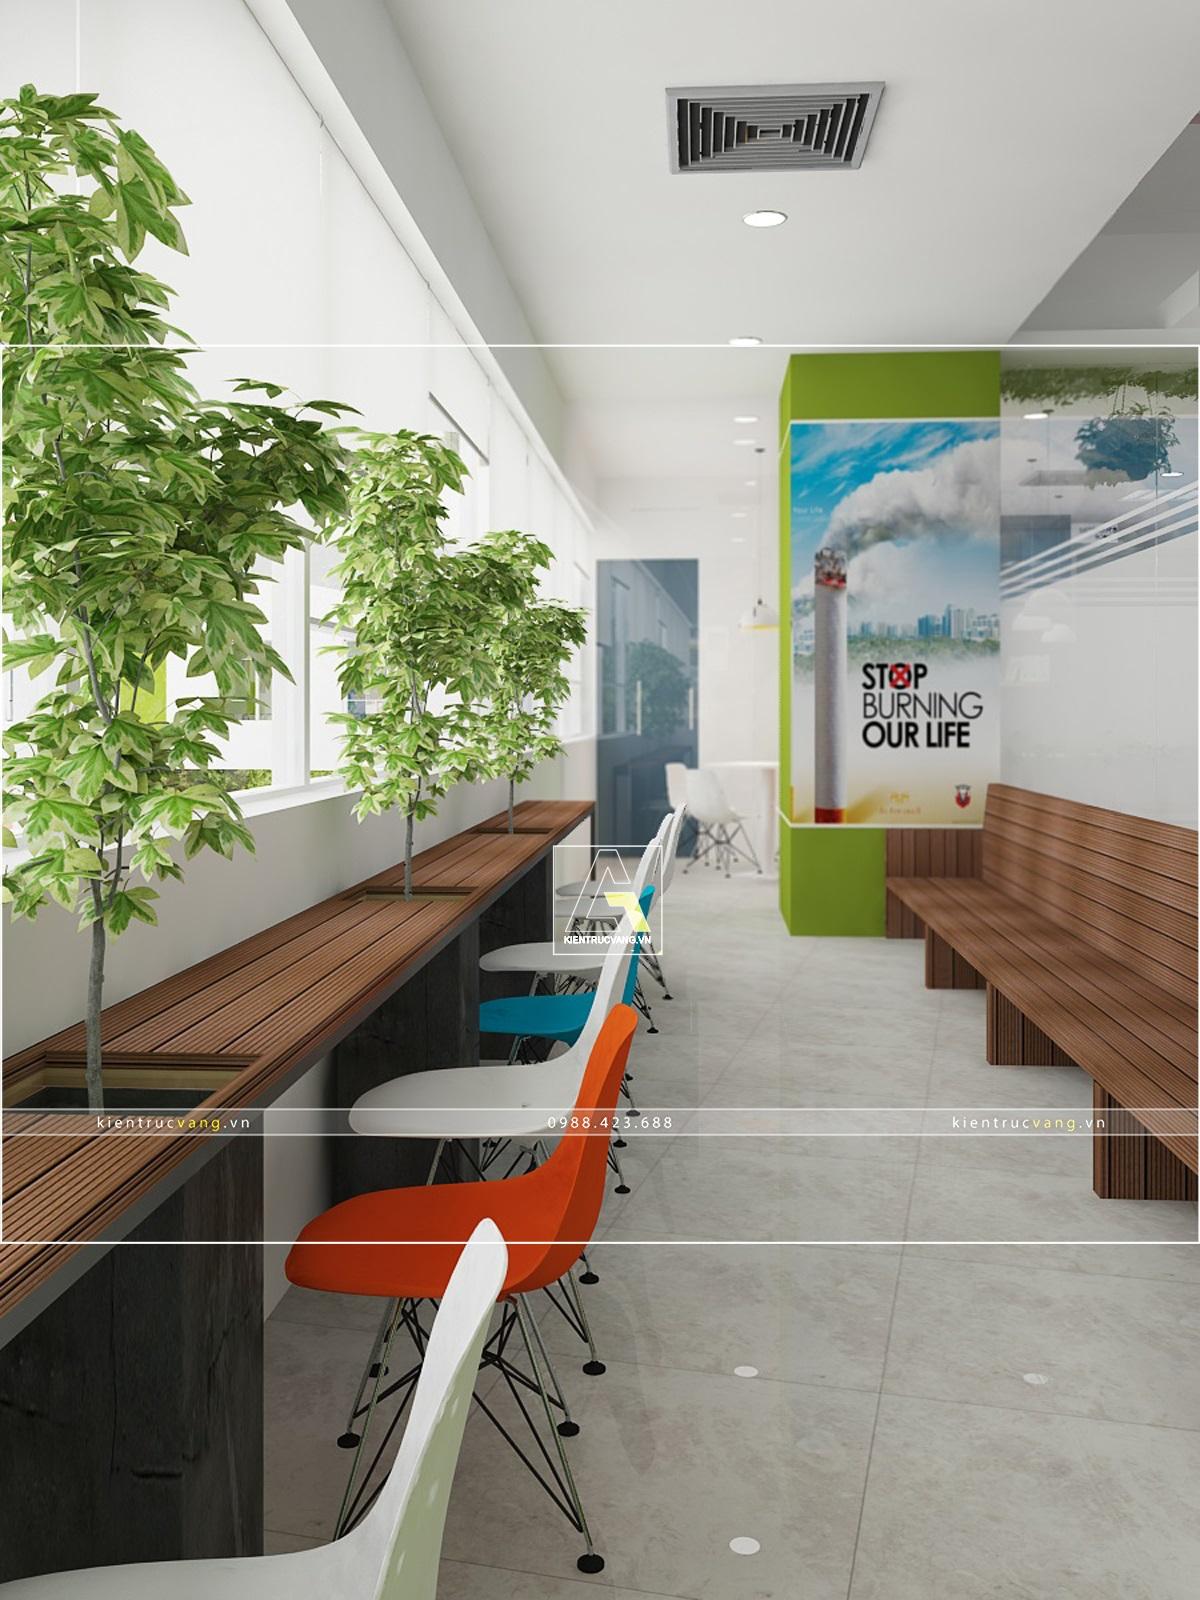 thiết kế nội thất Văn Phòng tại Hà Nội Thiết kế nội thất văn phòng VTC Mobile Hà Nội 34 1530872968